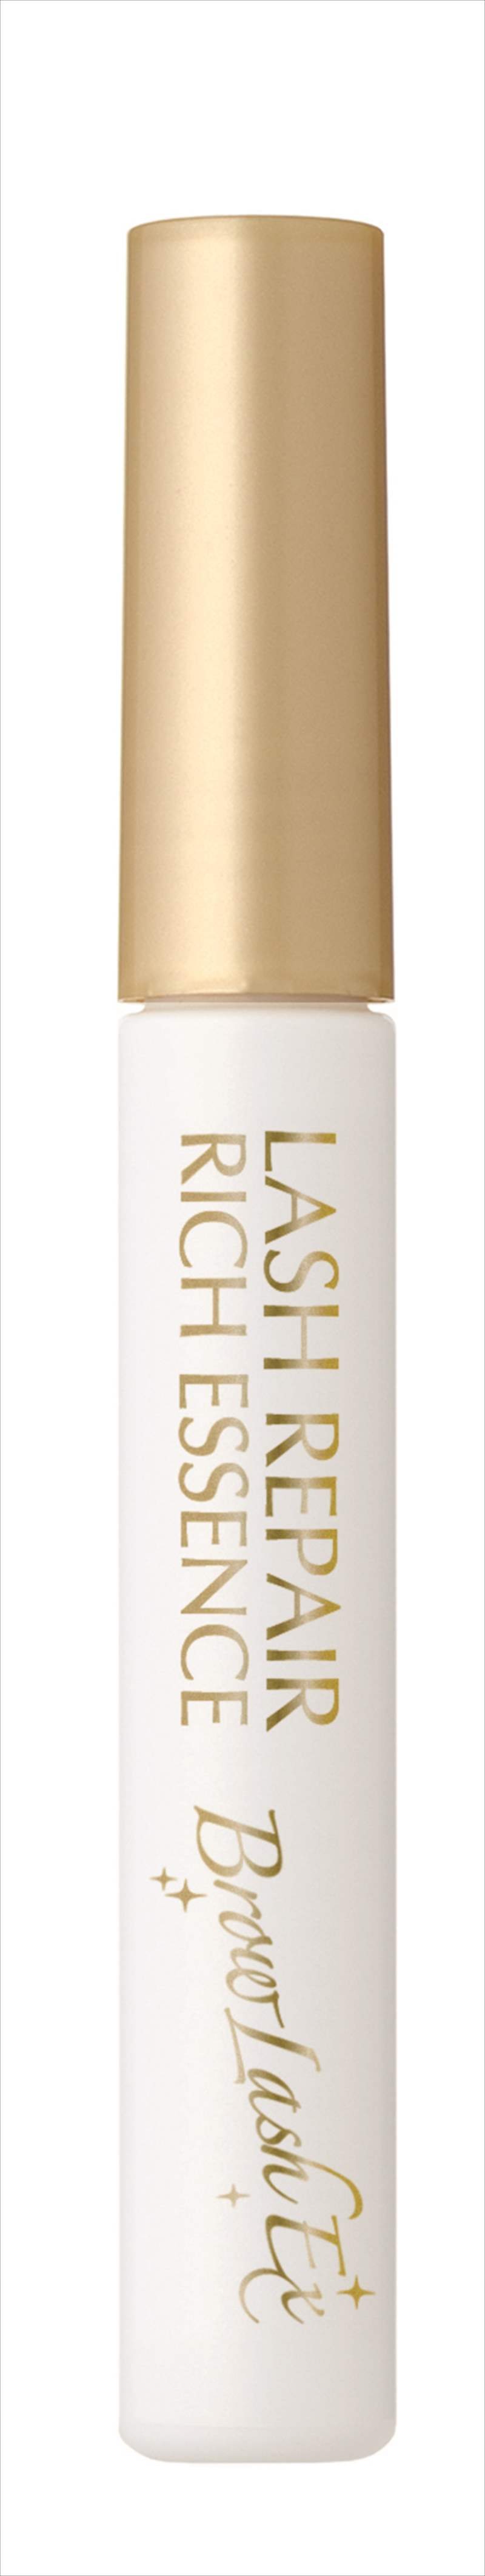 ブロウラッシュEX ラッシュリペア リッチエッセンス<まつげ美容液>の本体写真